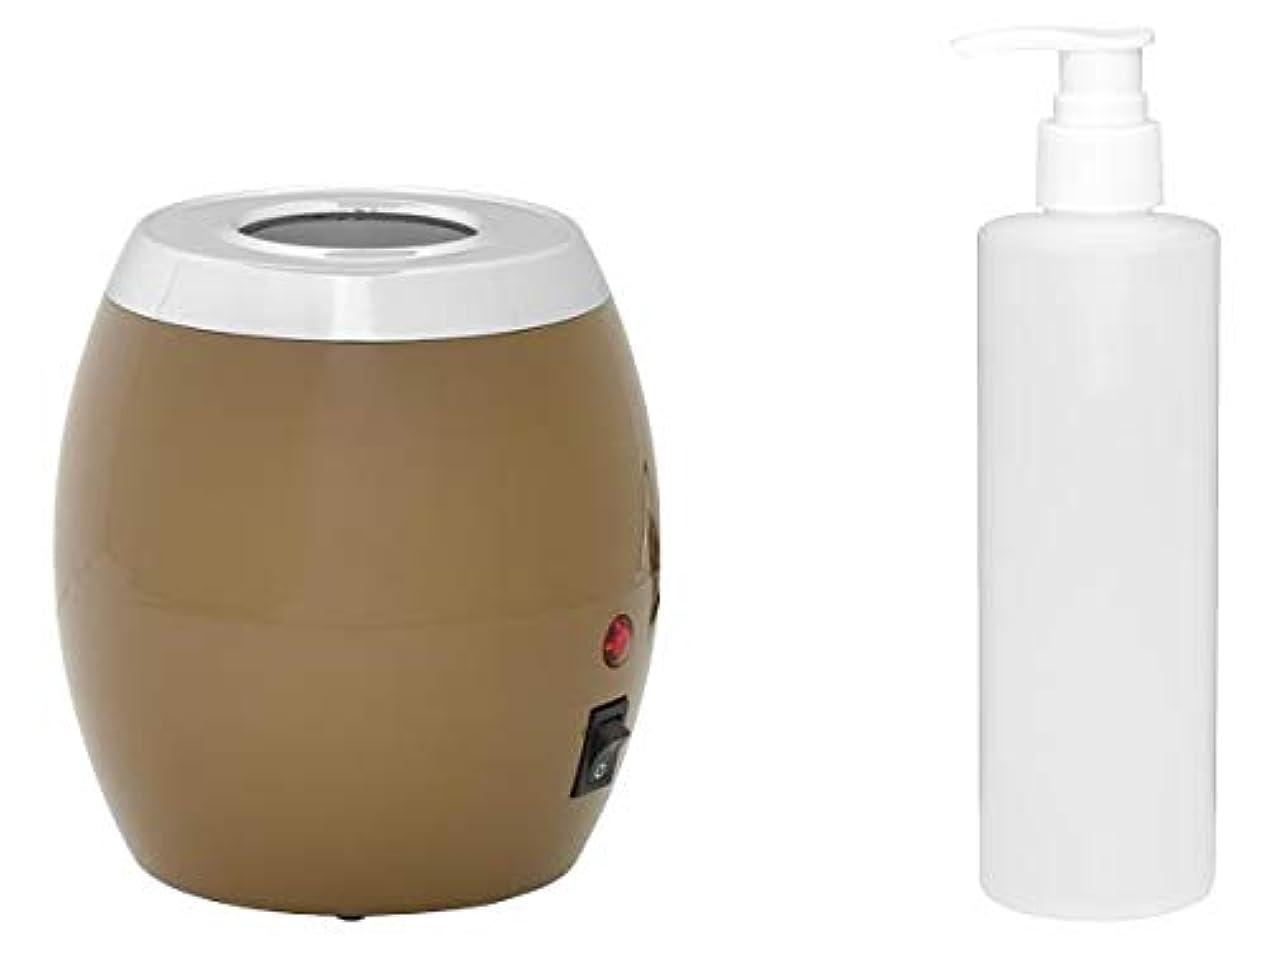 侵略市場ネットオイルヒーター ボトル付 オイルウォーマー マッサージオイル ボディオイル ヒーター ウォーマー